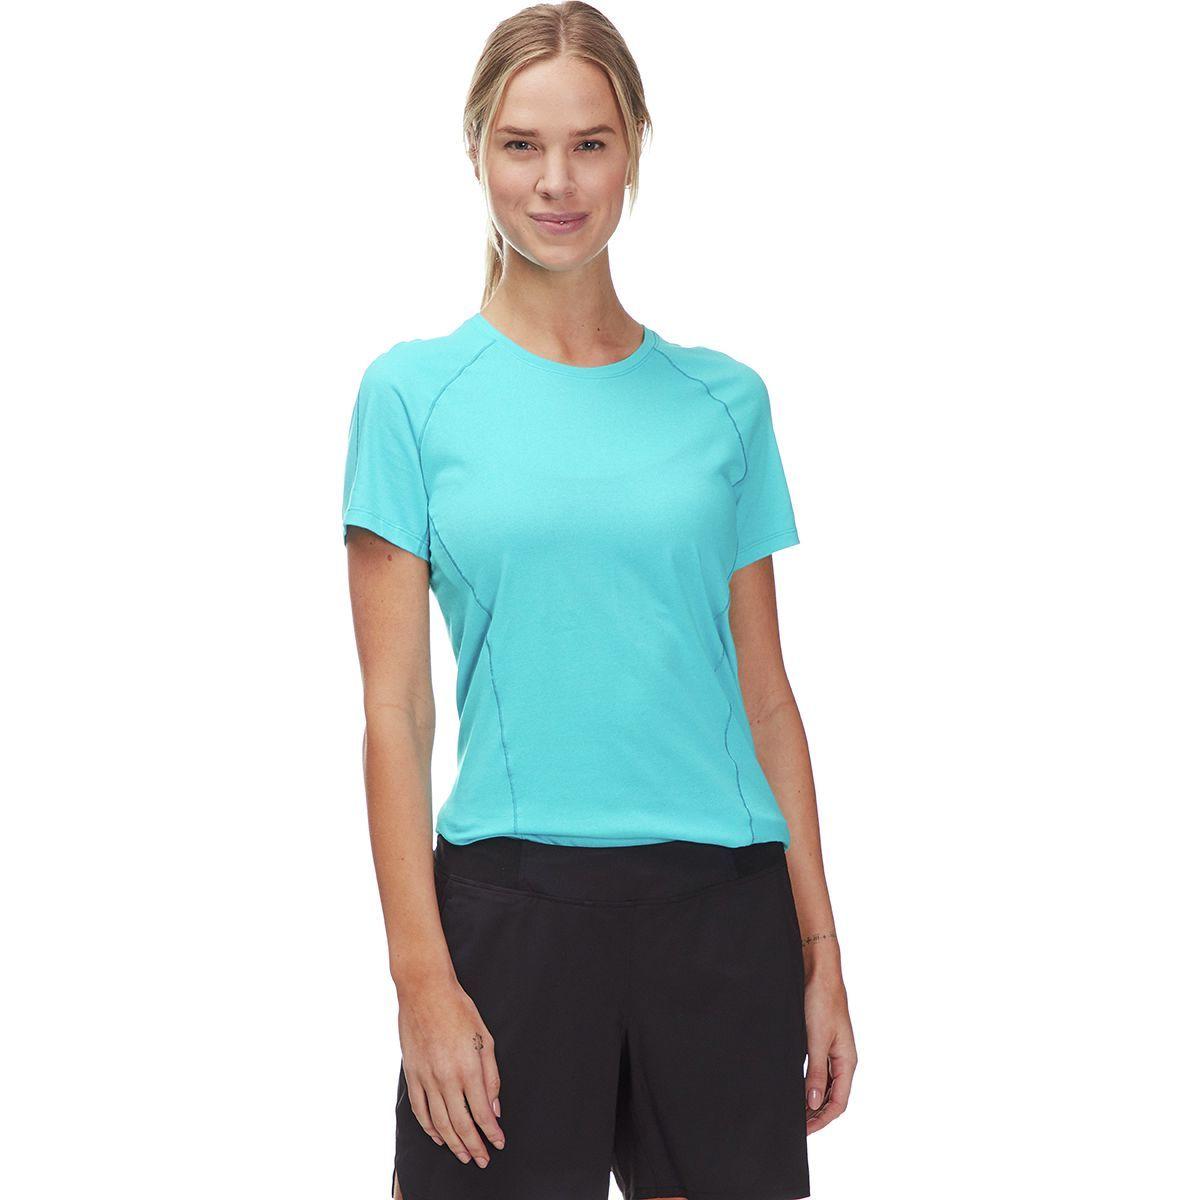 Arc'teryx Tolu Short-Sleeve Top - Women's